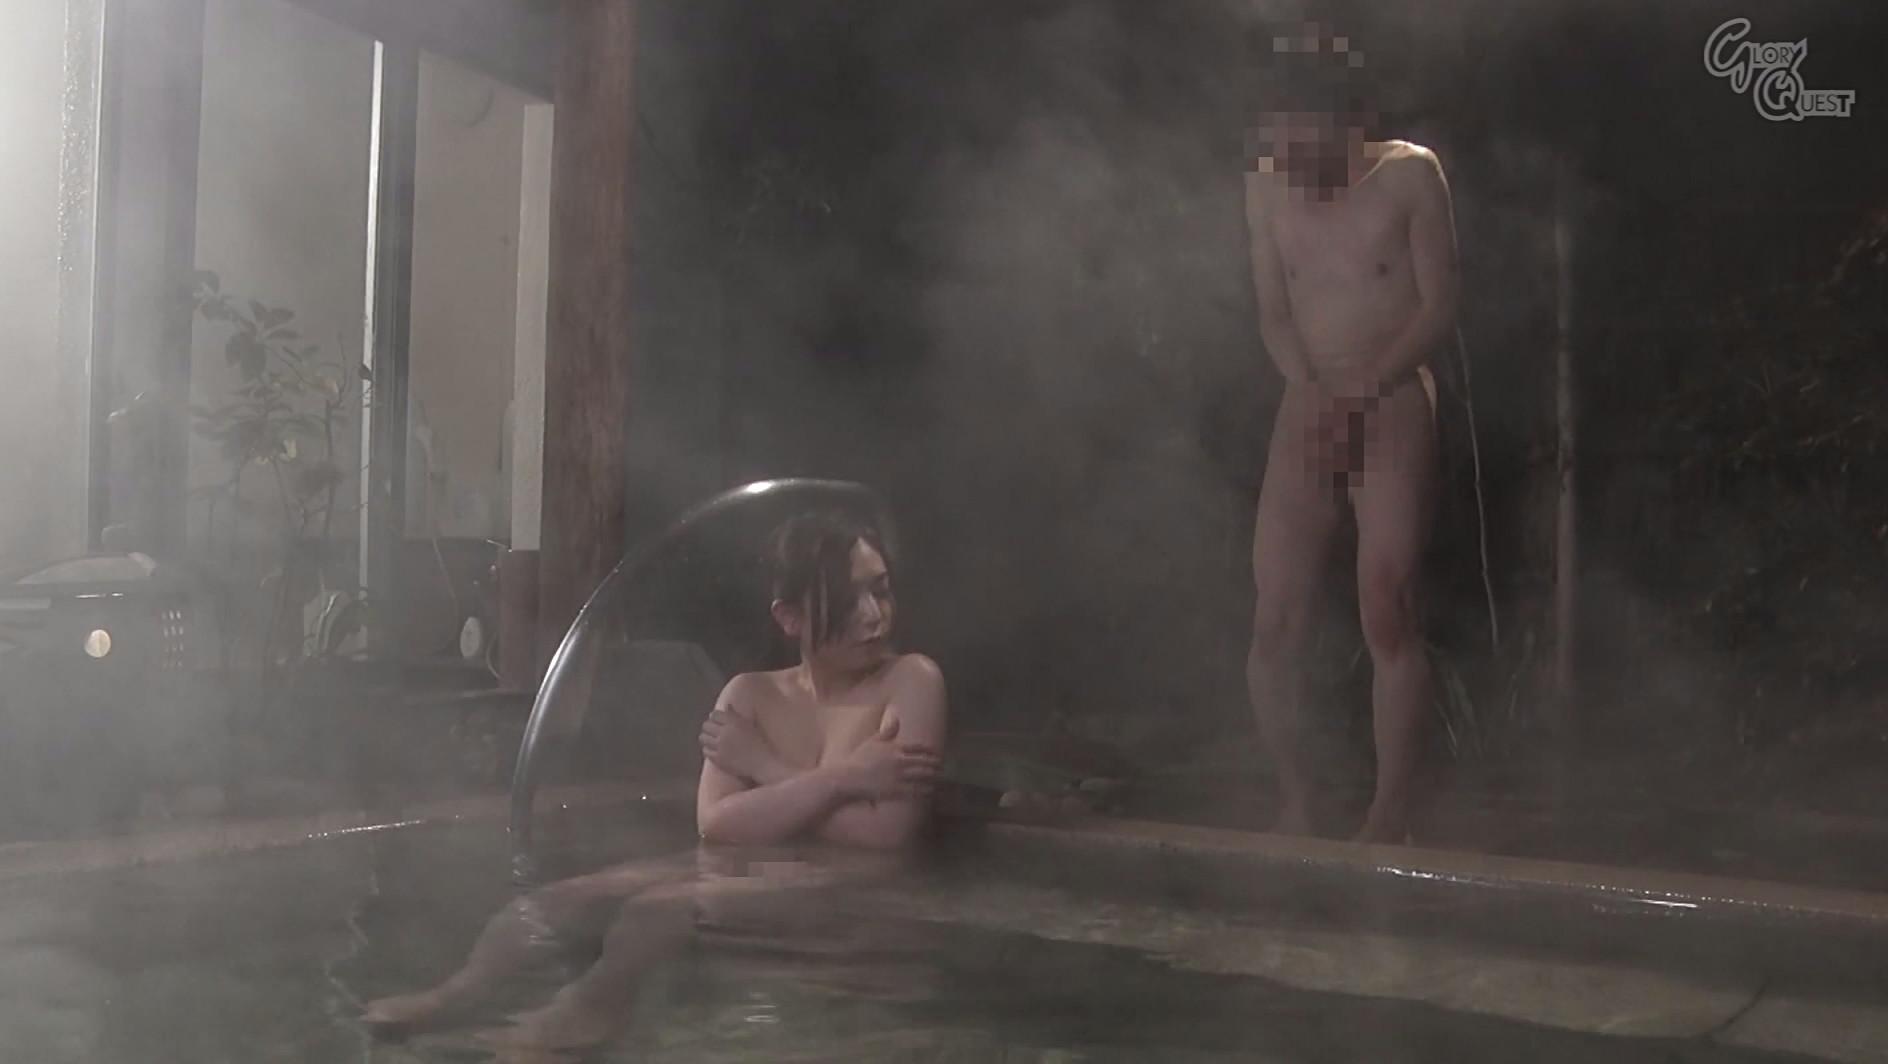 ボイン大好きしょう太くんのHなイタズラ 笹倉杏 画像19